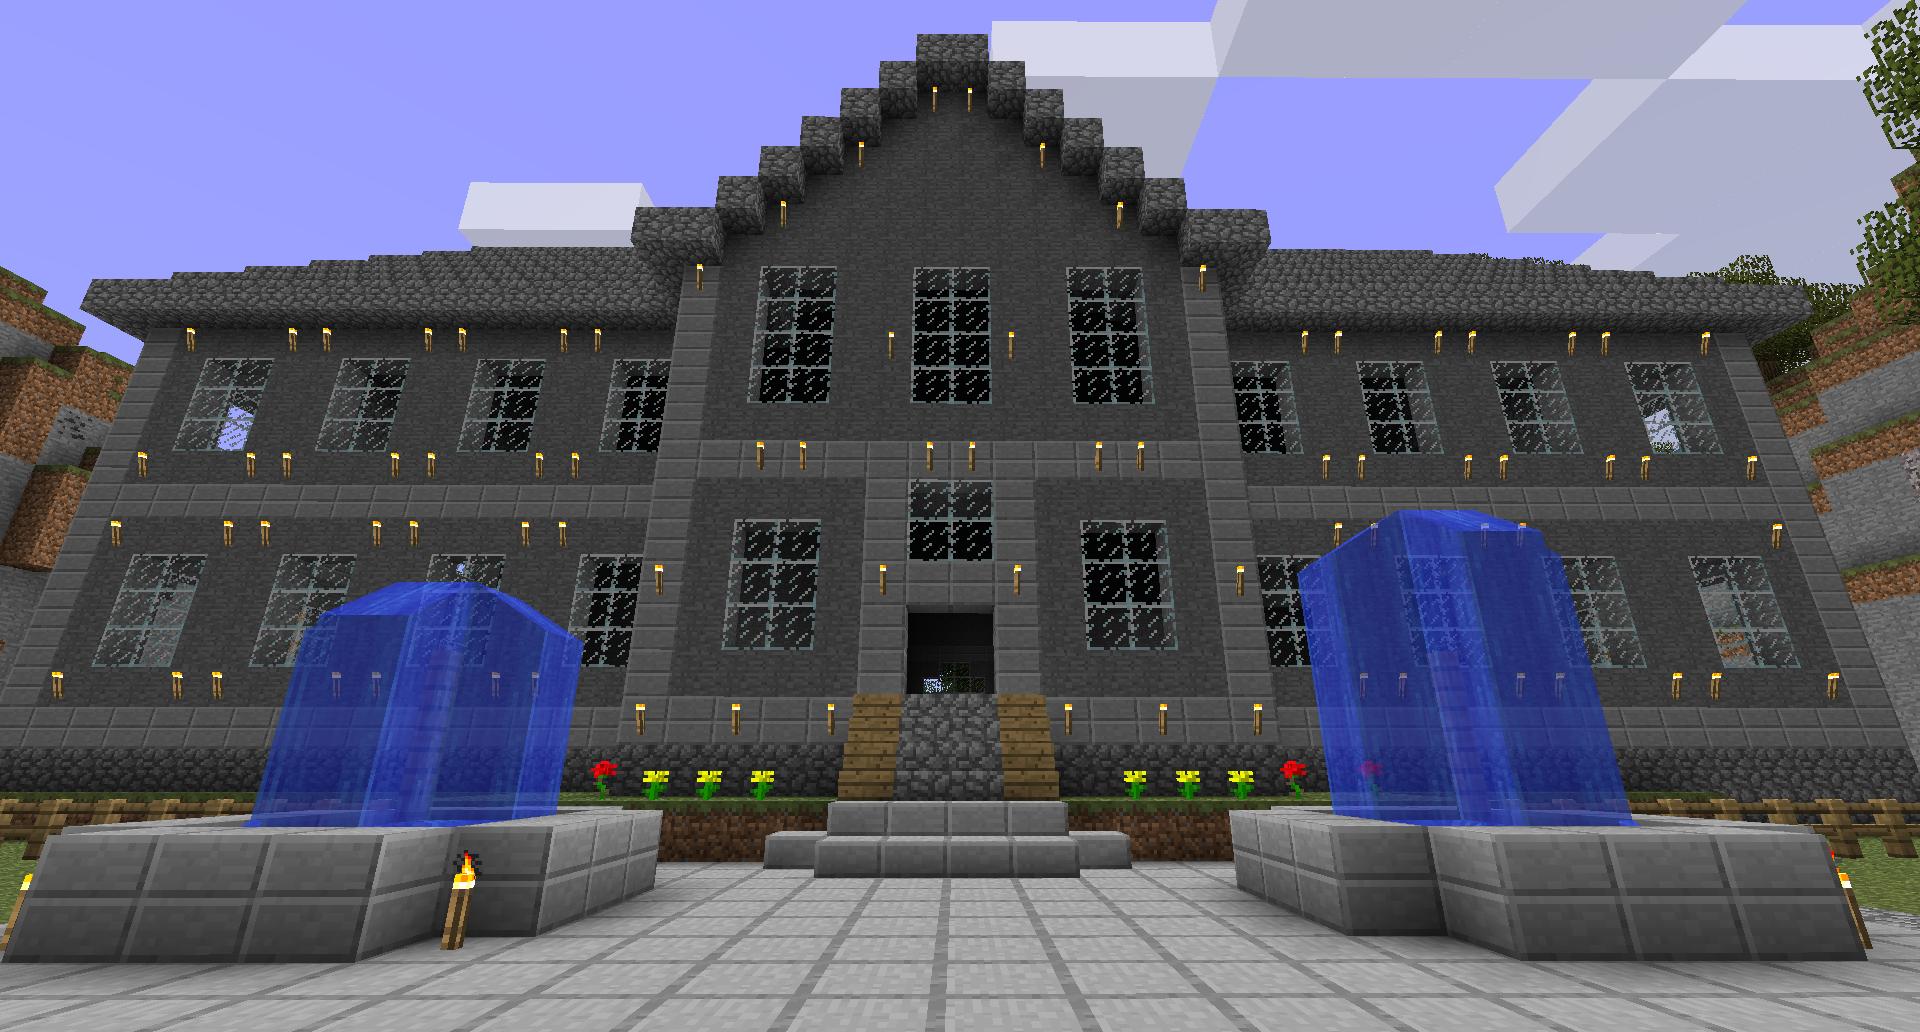 L'université de parYs créé par moribus.